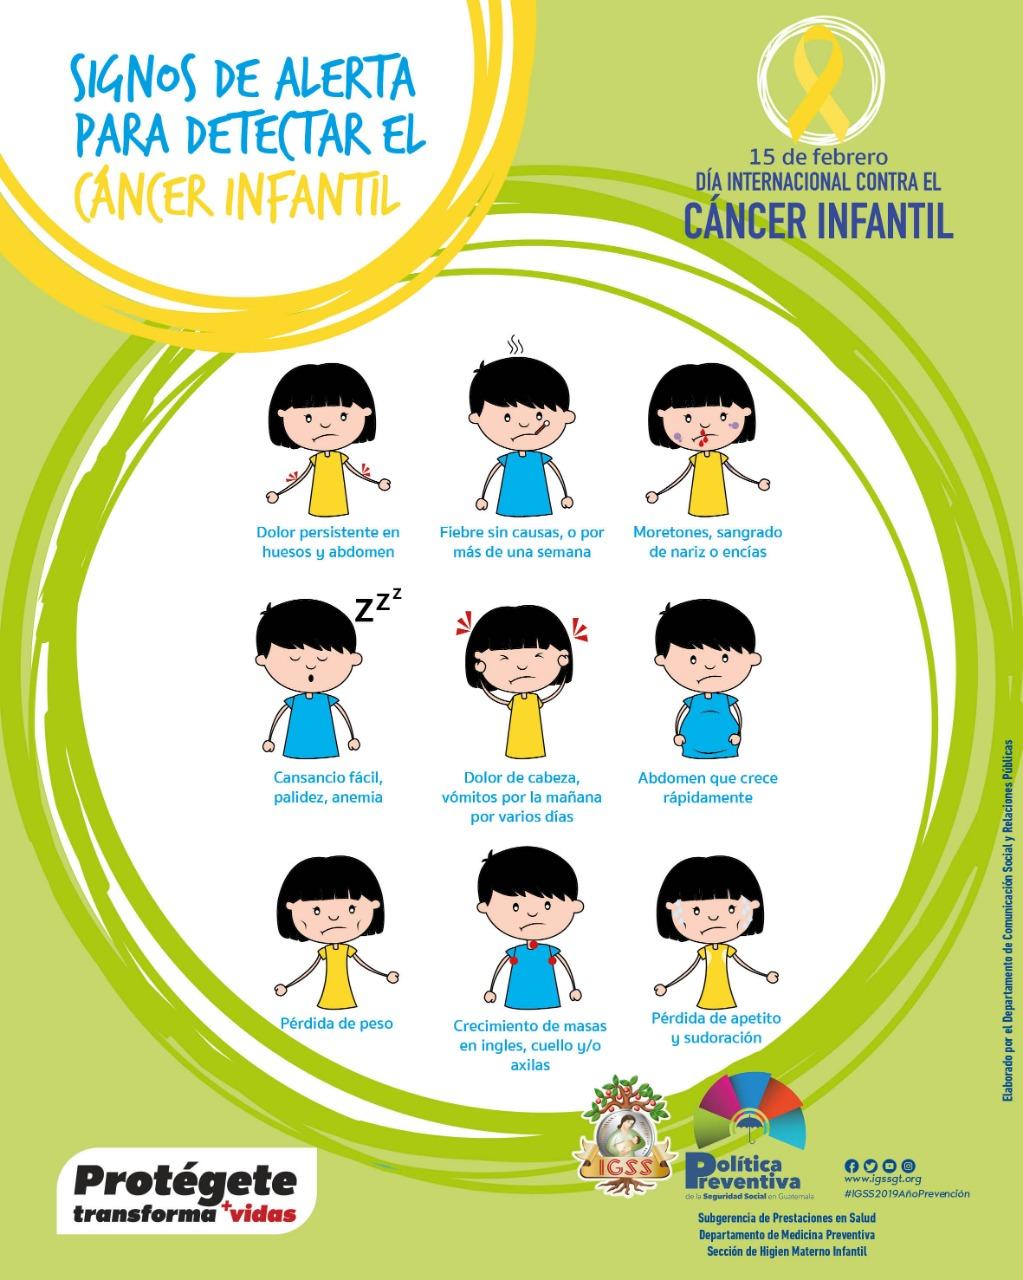 ¿Cuál es el cáncer más común en niños?